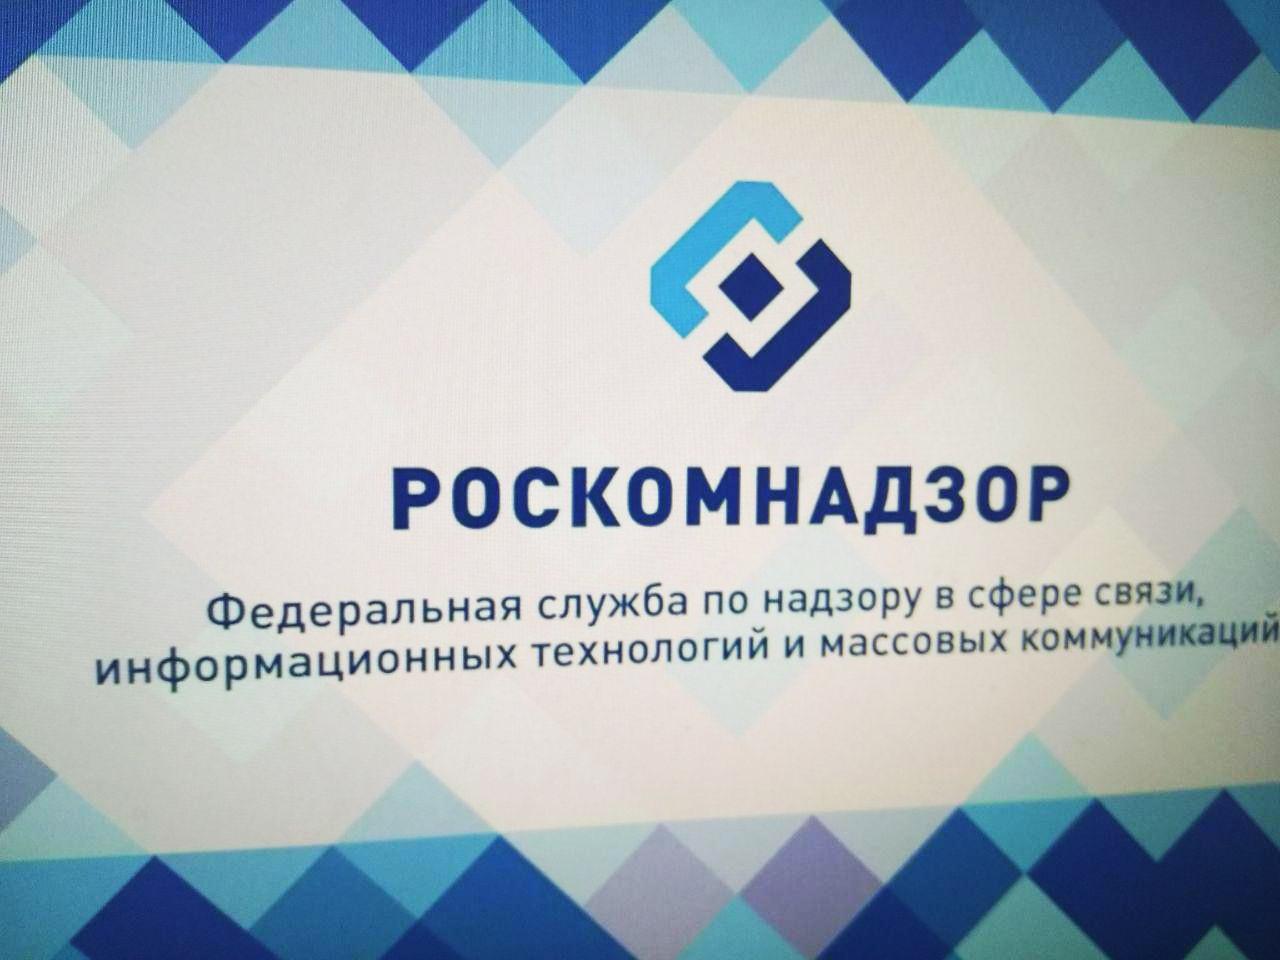 Управление Роскомнадзора по Приморскому краю напоминает